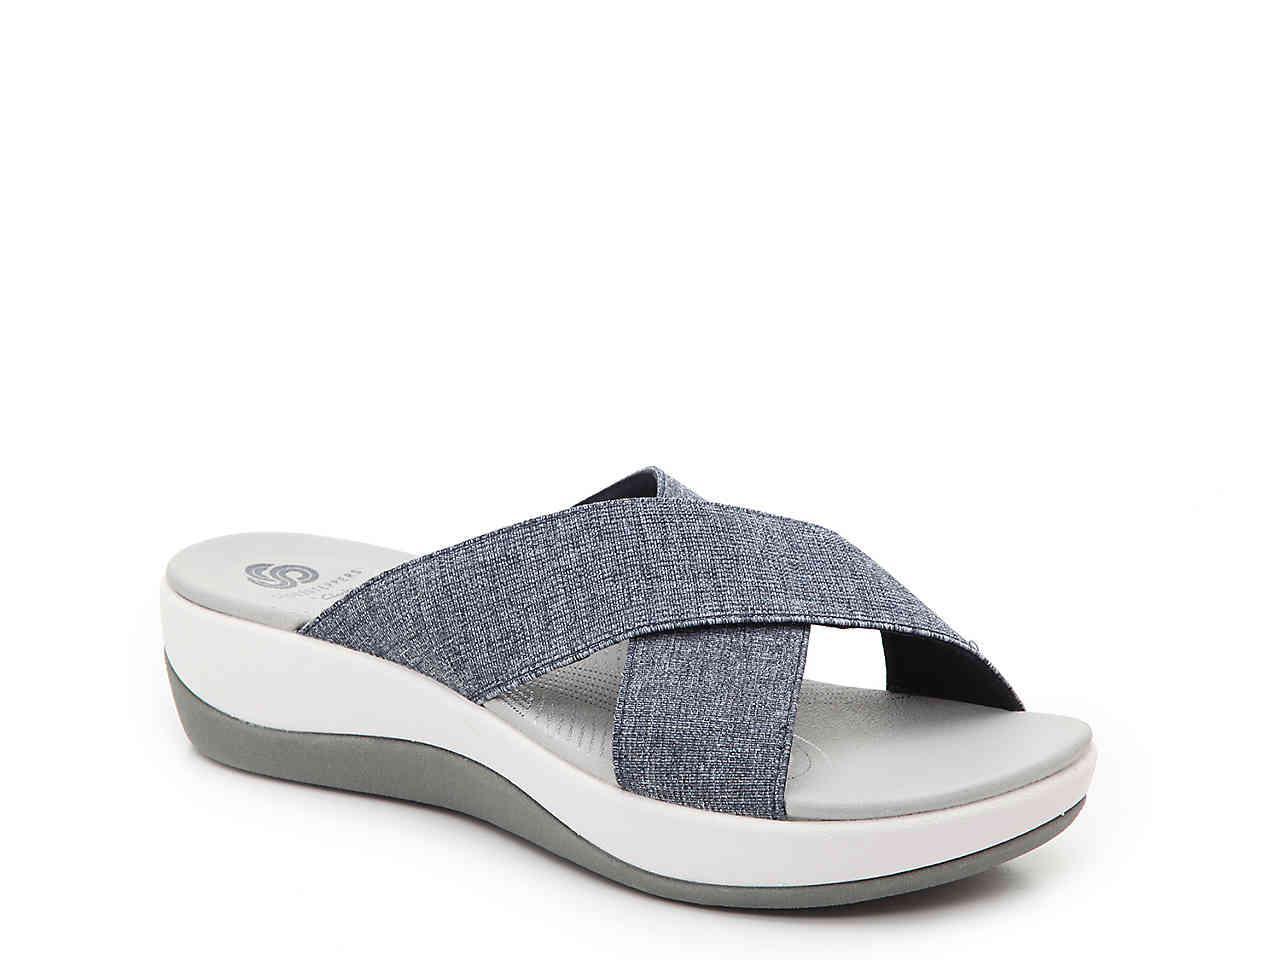 22b066d2e02 Lyst - Clarks Arla Elin Wedge Sandal in Blue